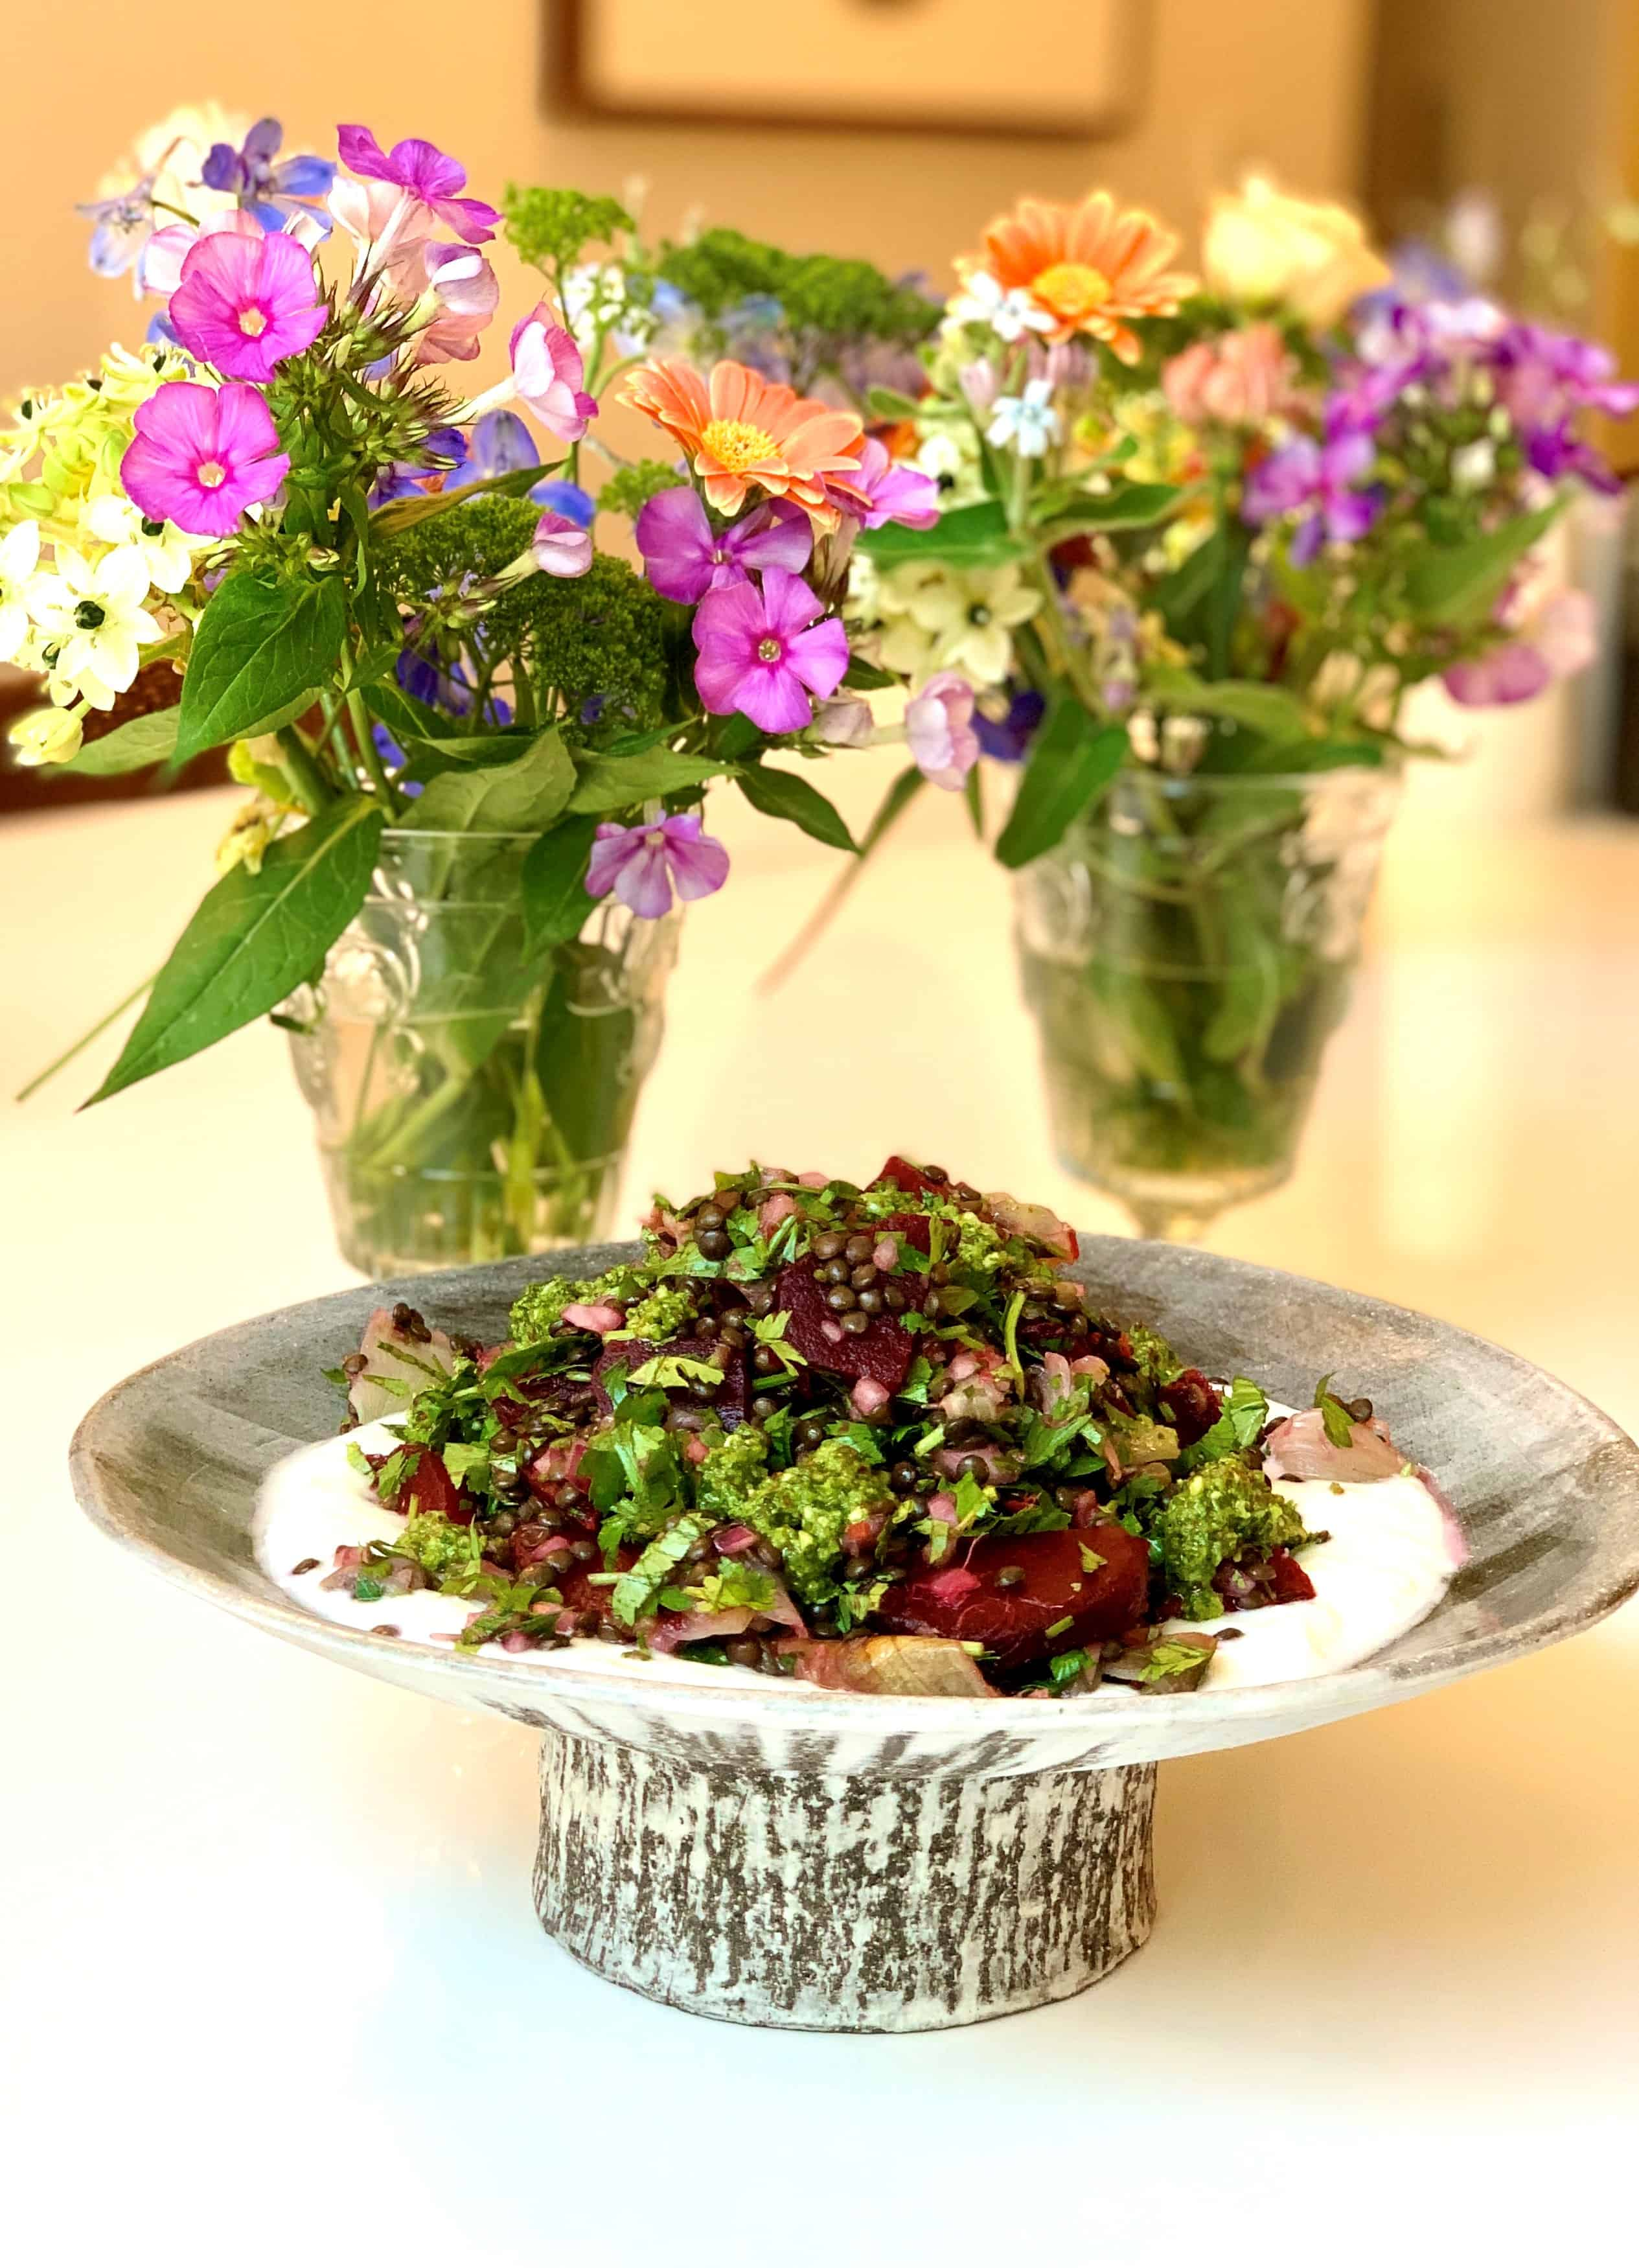 סלט עדשים שחורות עם רוטב פסטו שקדים